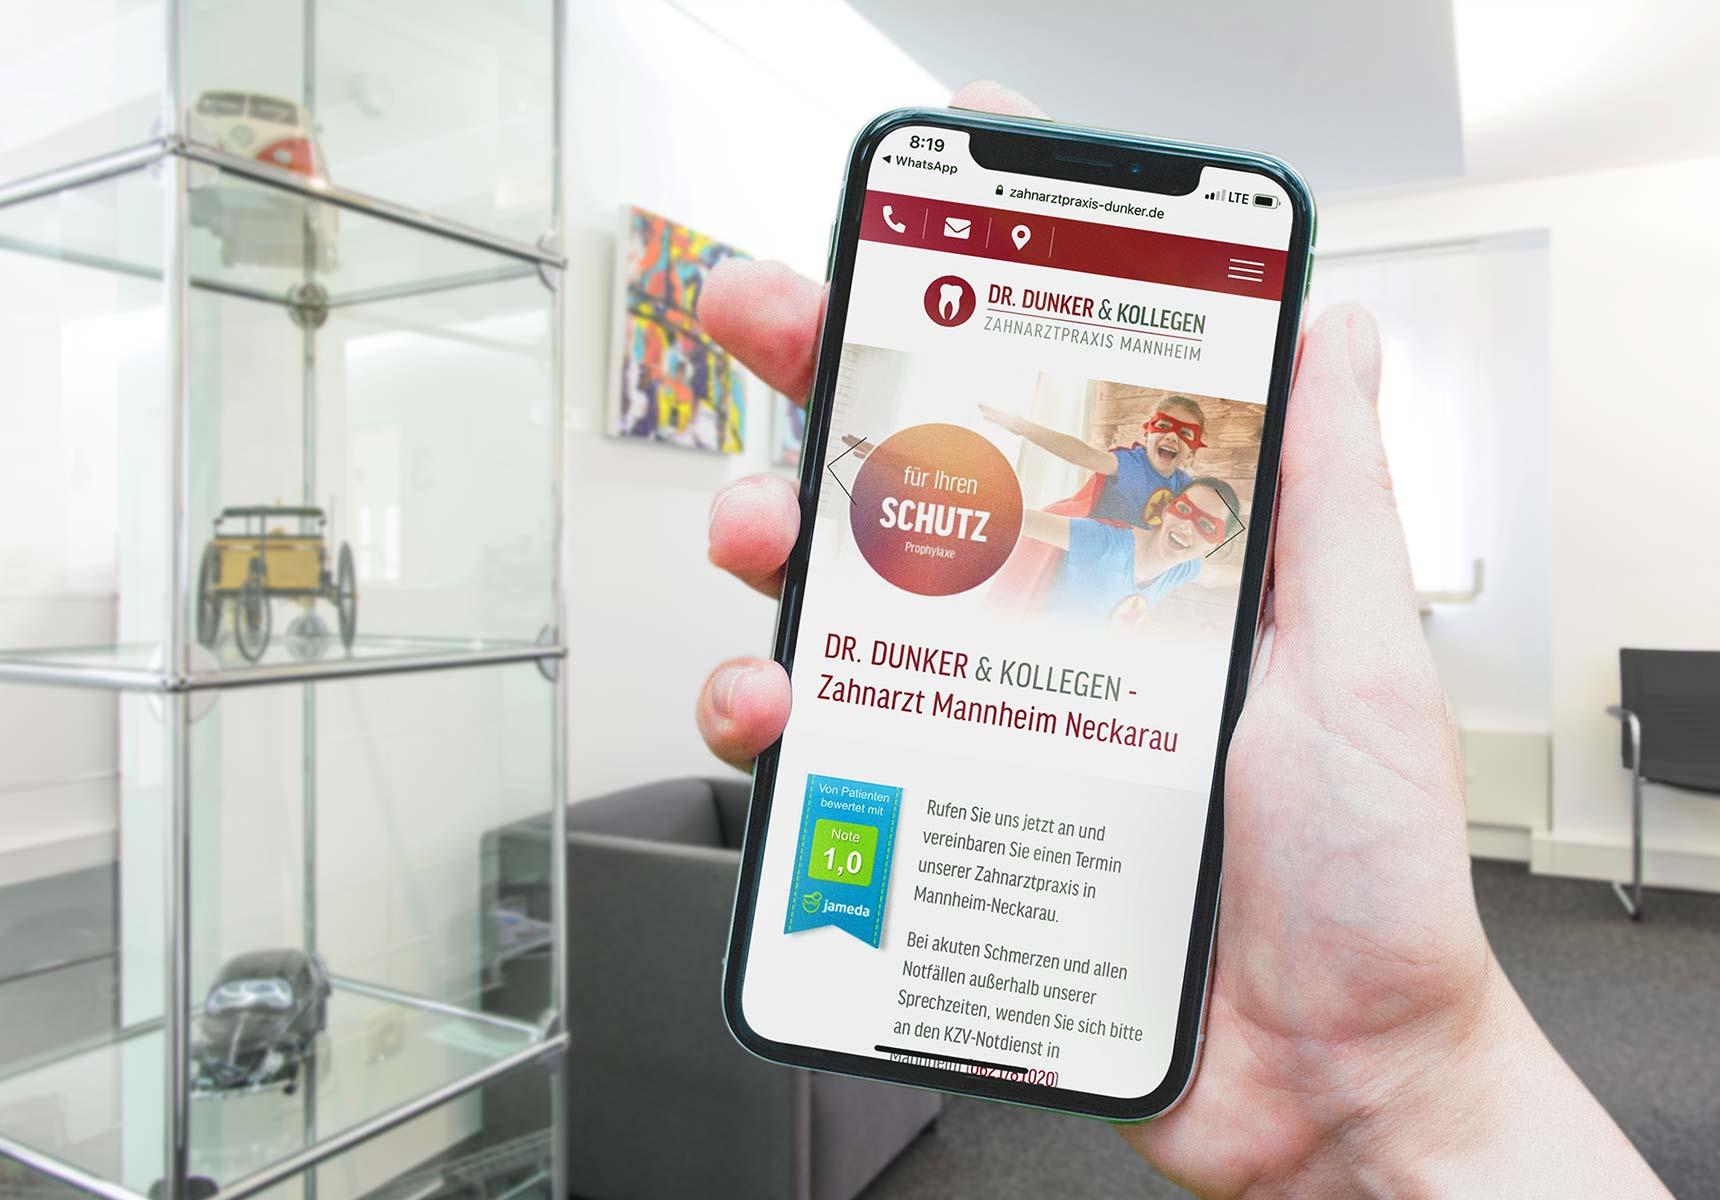 lr praxismarketing dunker und kollegen zahnarzt responsive webdesign - Langenstein & Reichenthaler - Agentur für Praxismarketing